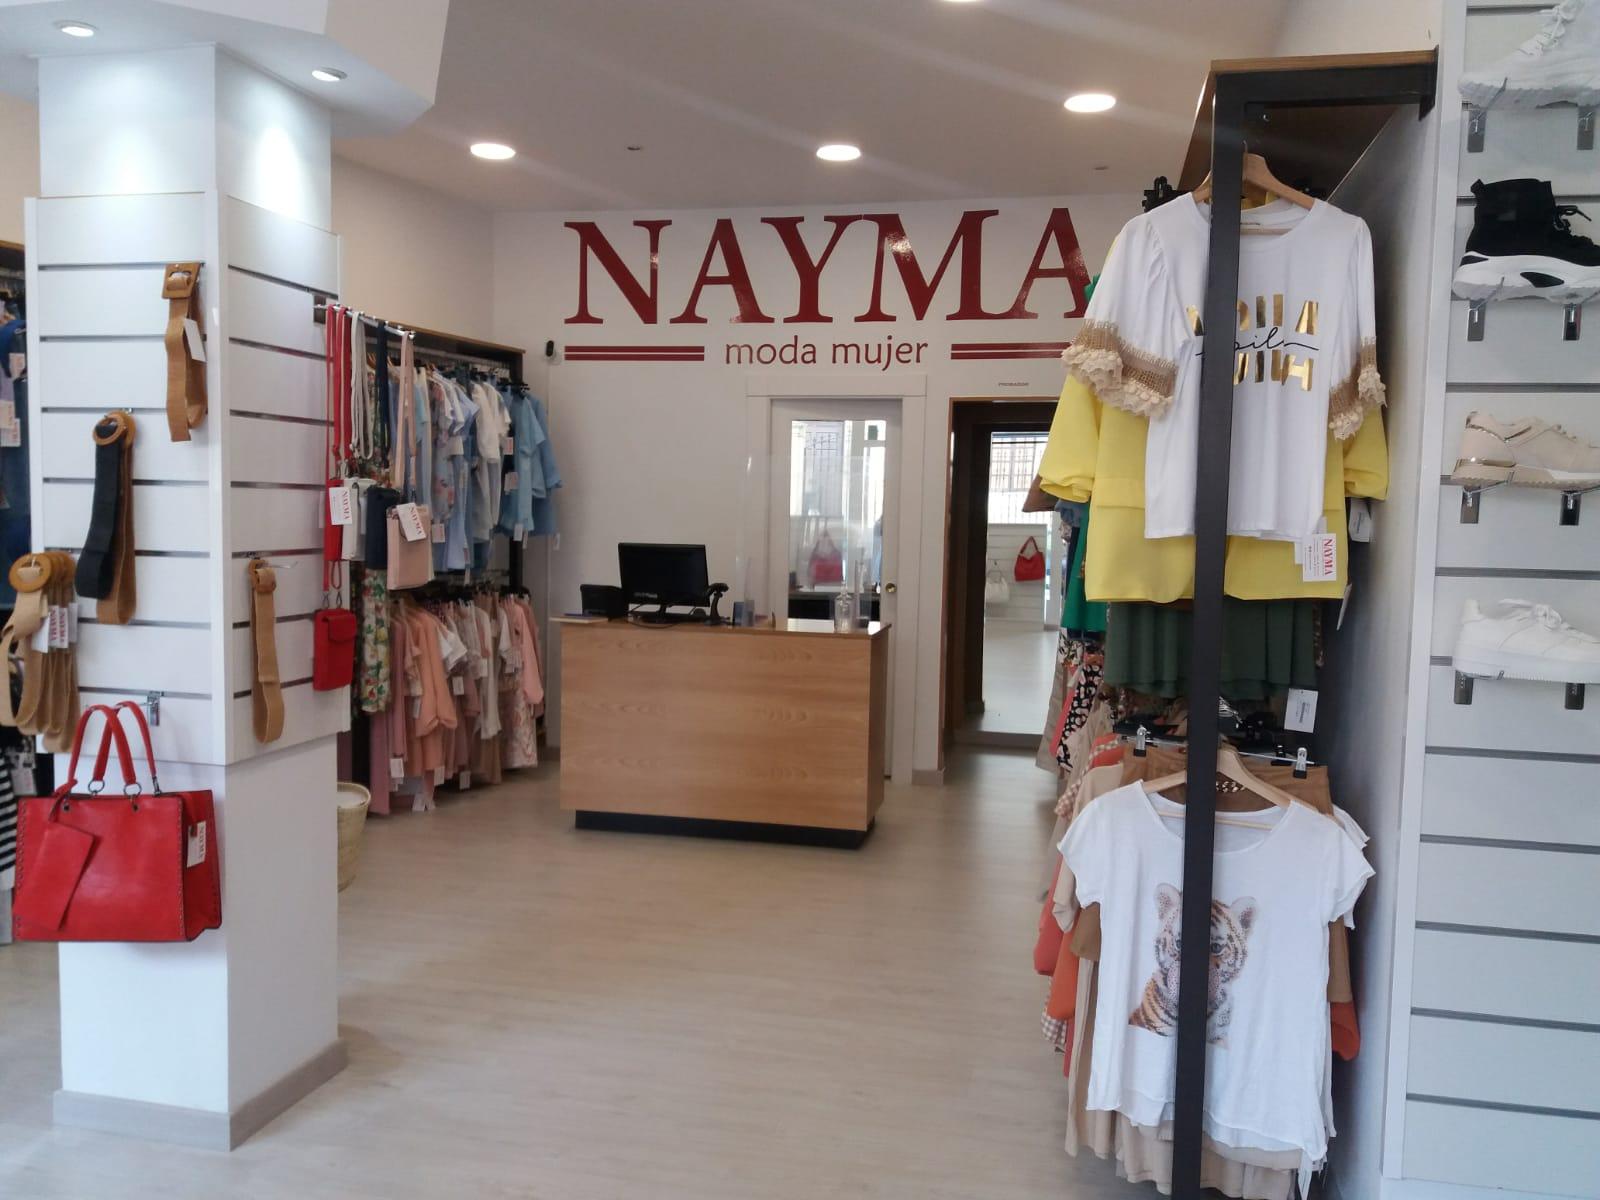 Nayma Moda